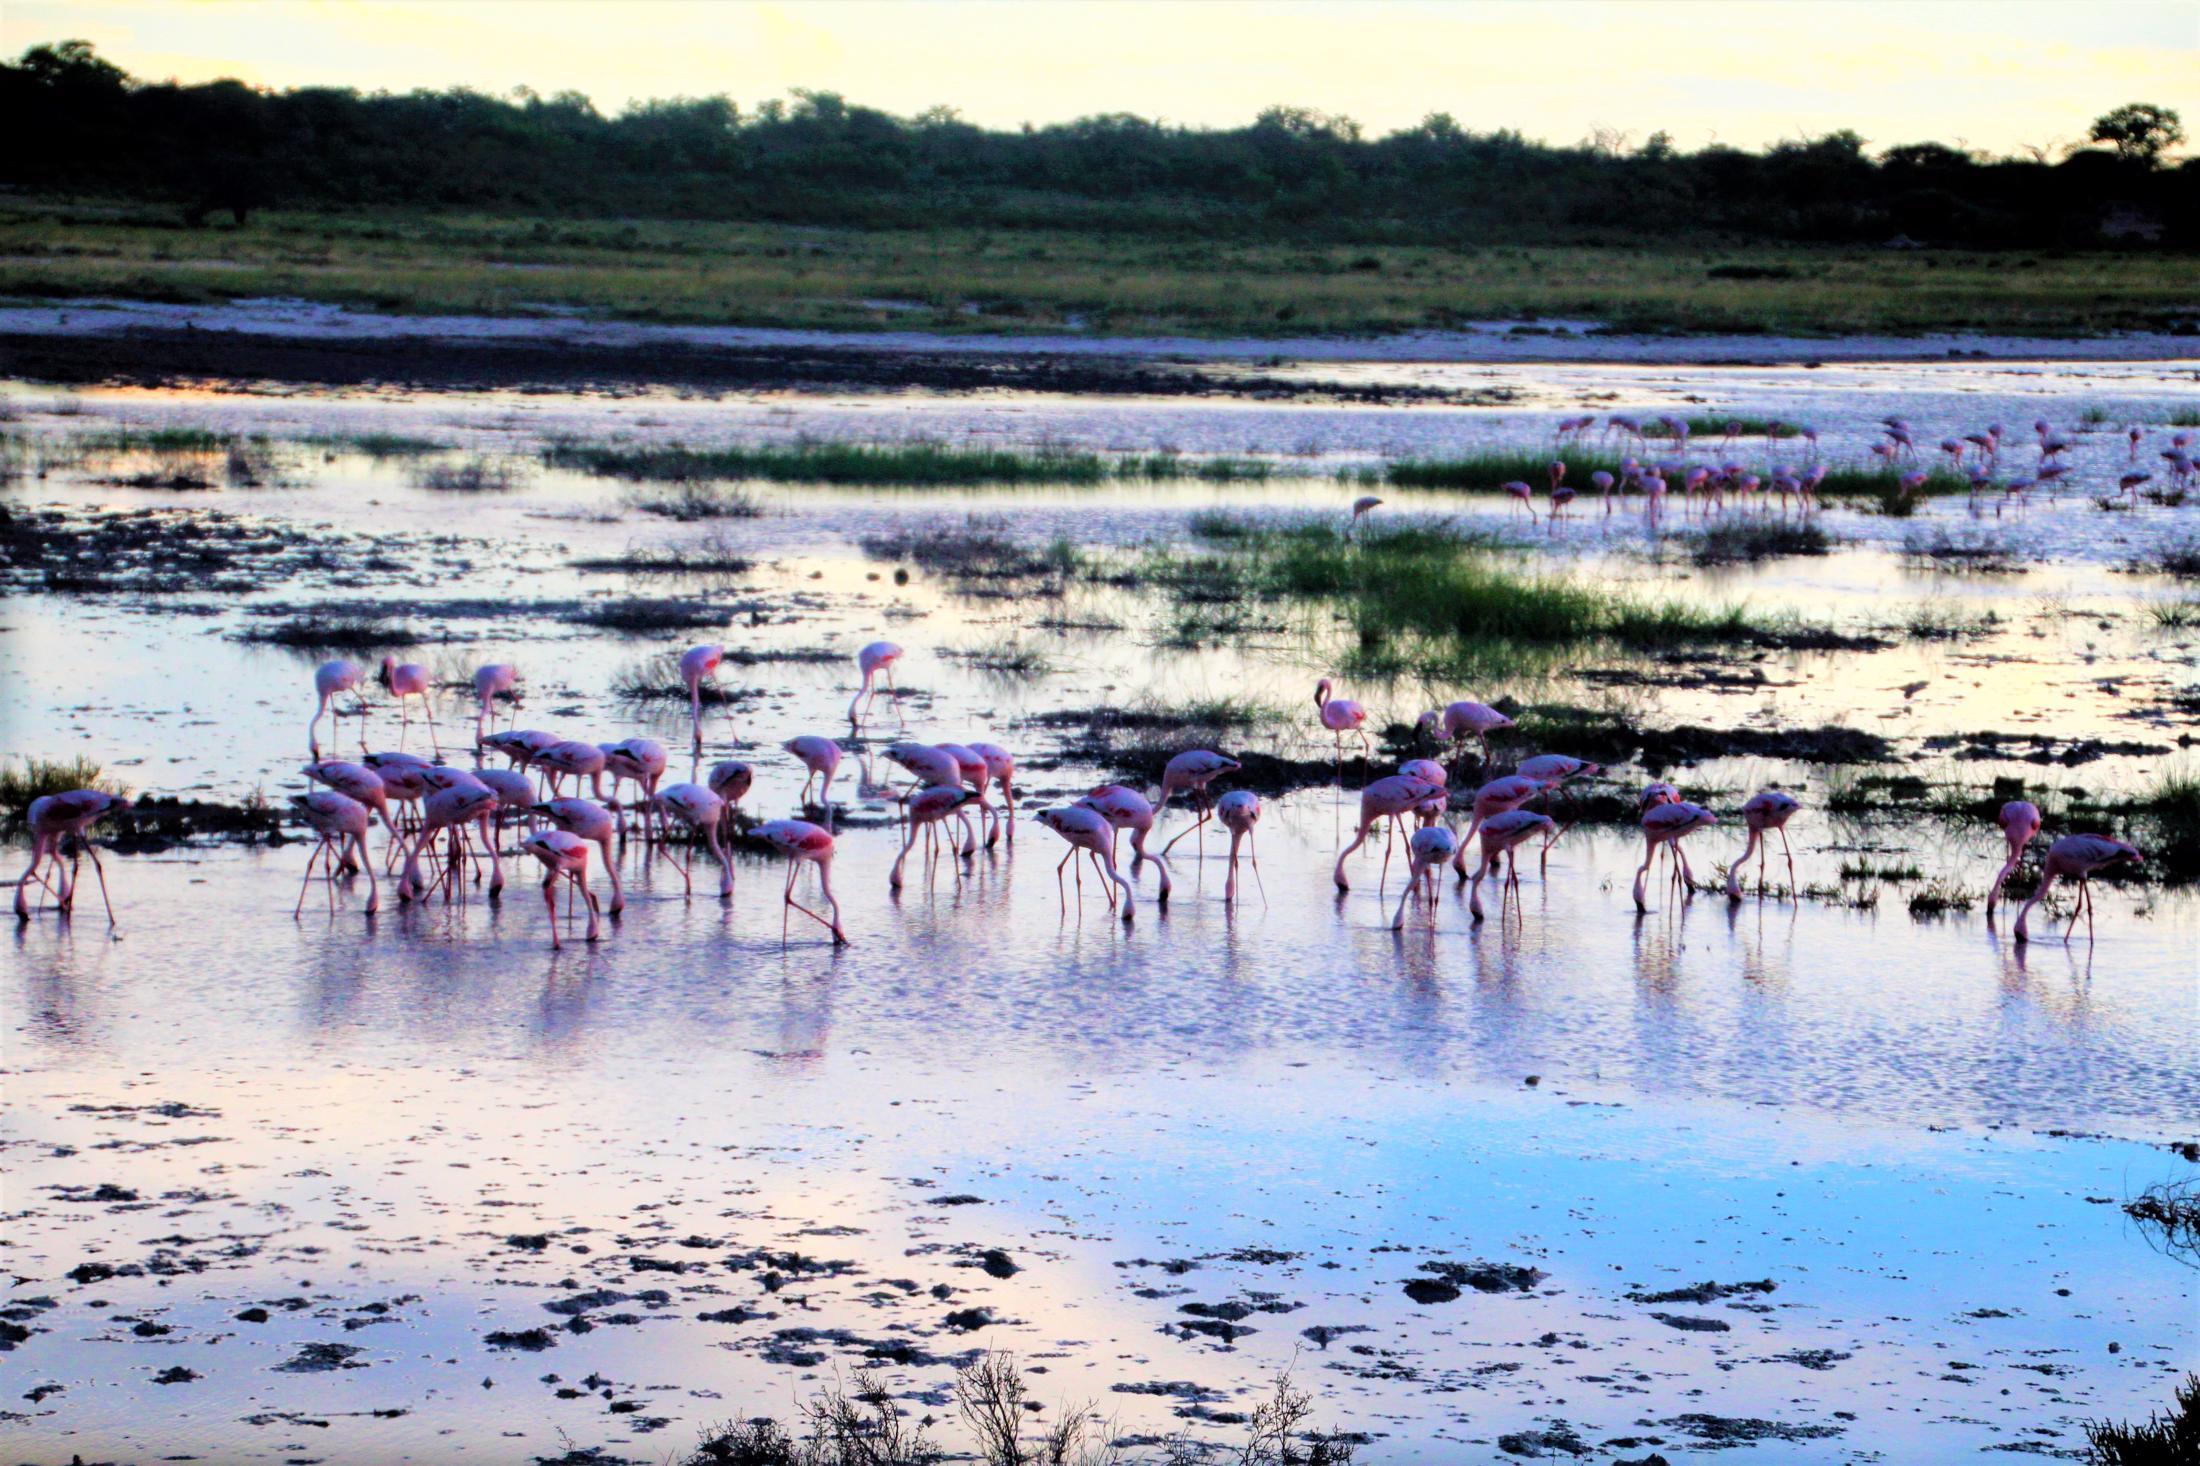 Etosha NP - Flamingo's in Etosha Pan